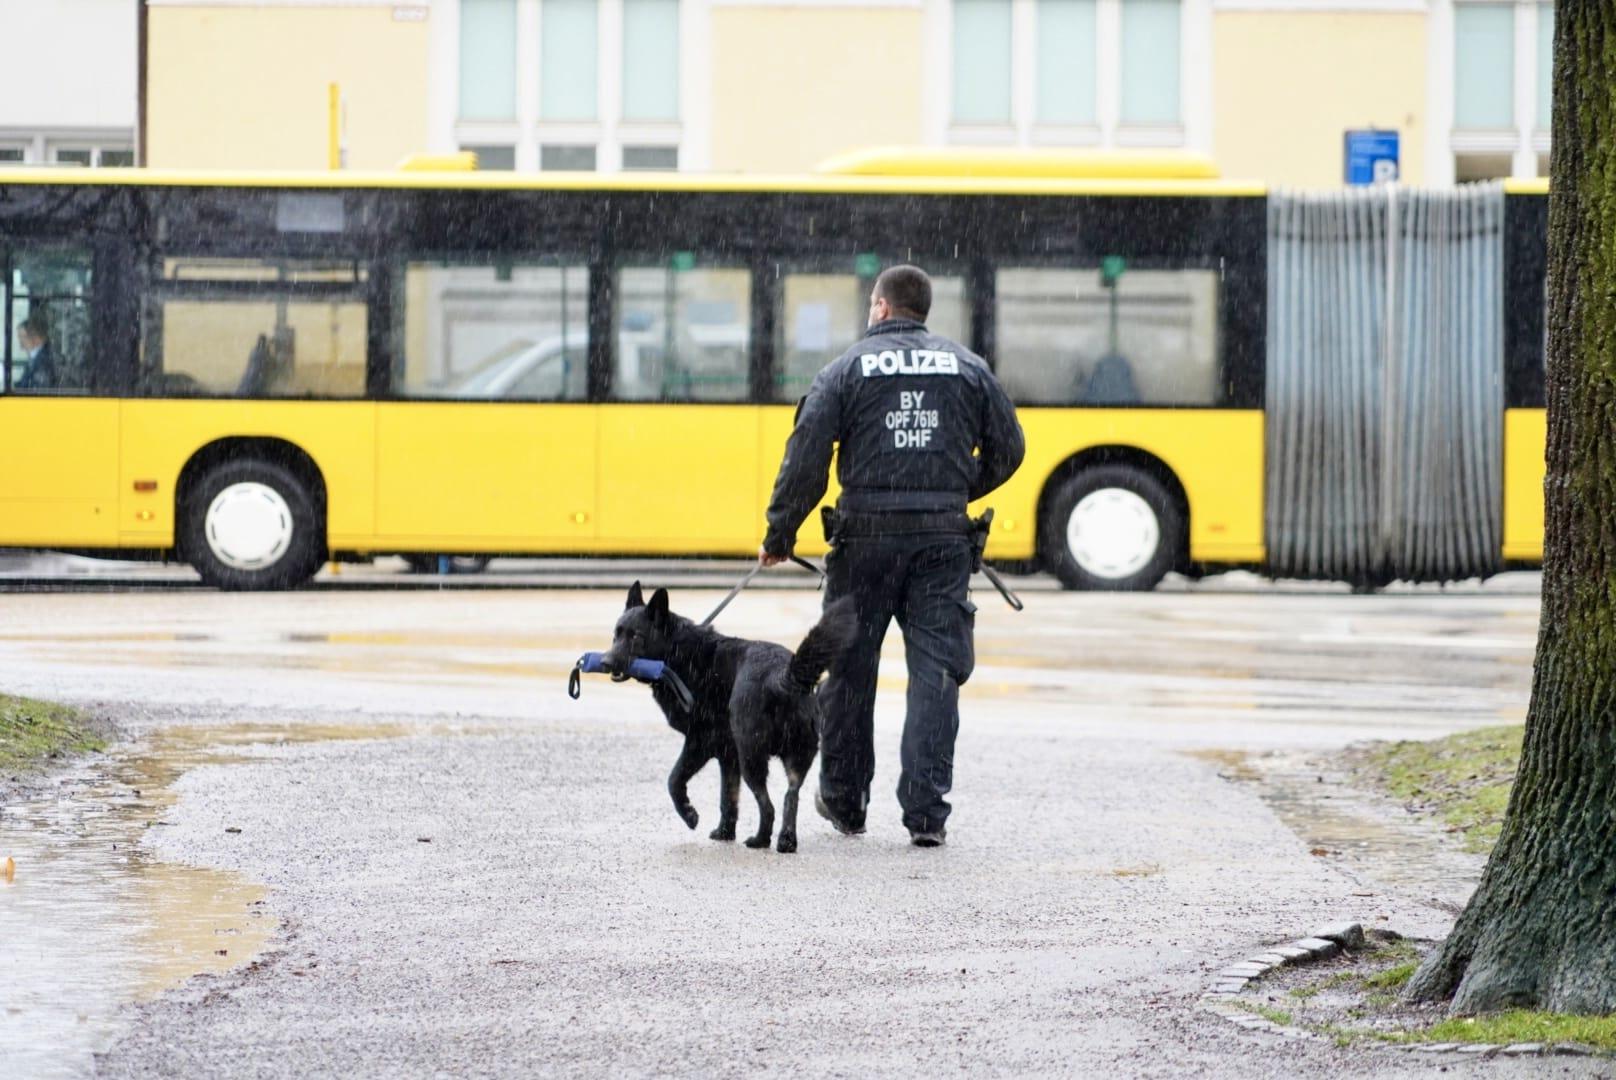 Drei mutmaßliche Dealer festgenommen Drogenrazzia in Regensburg